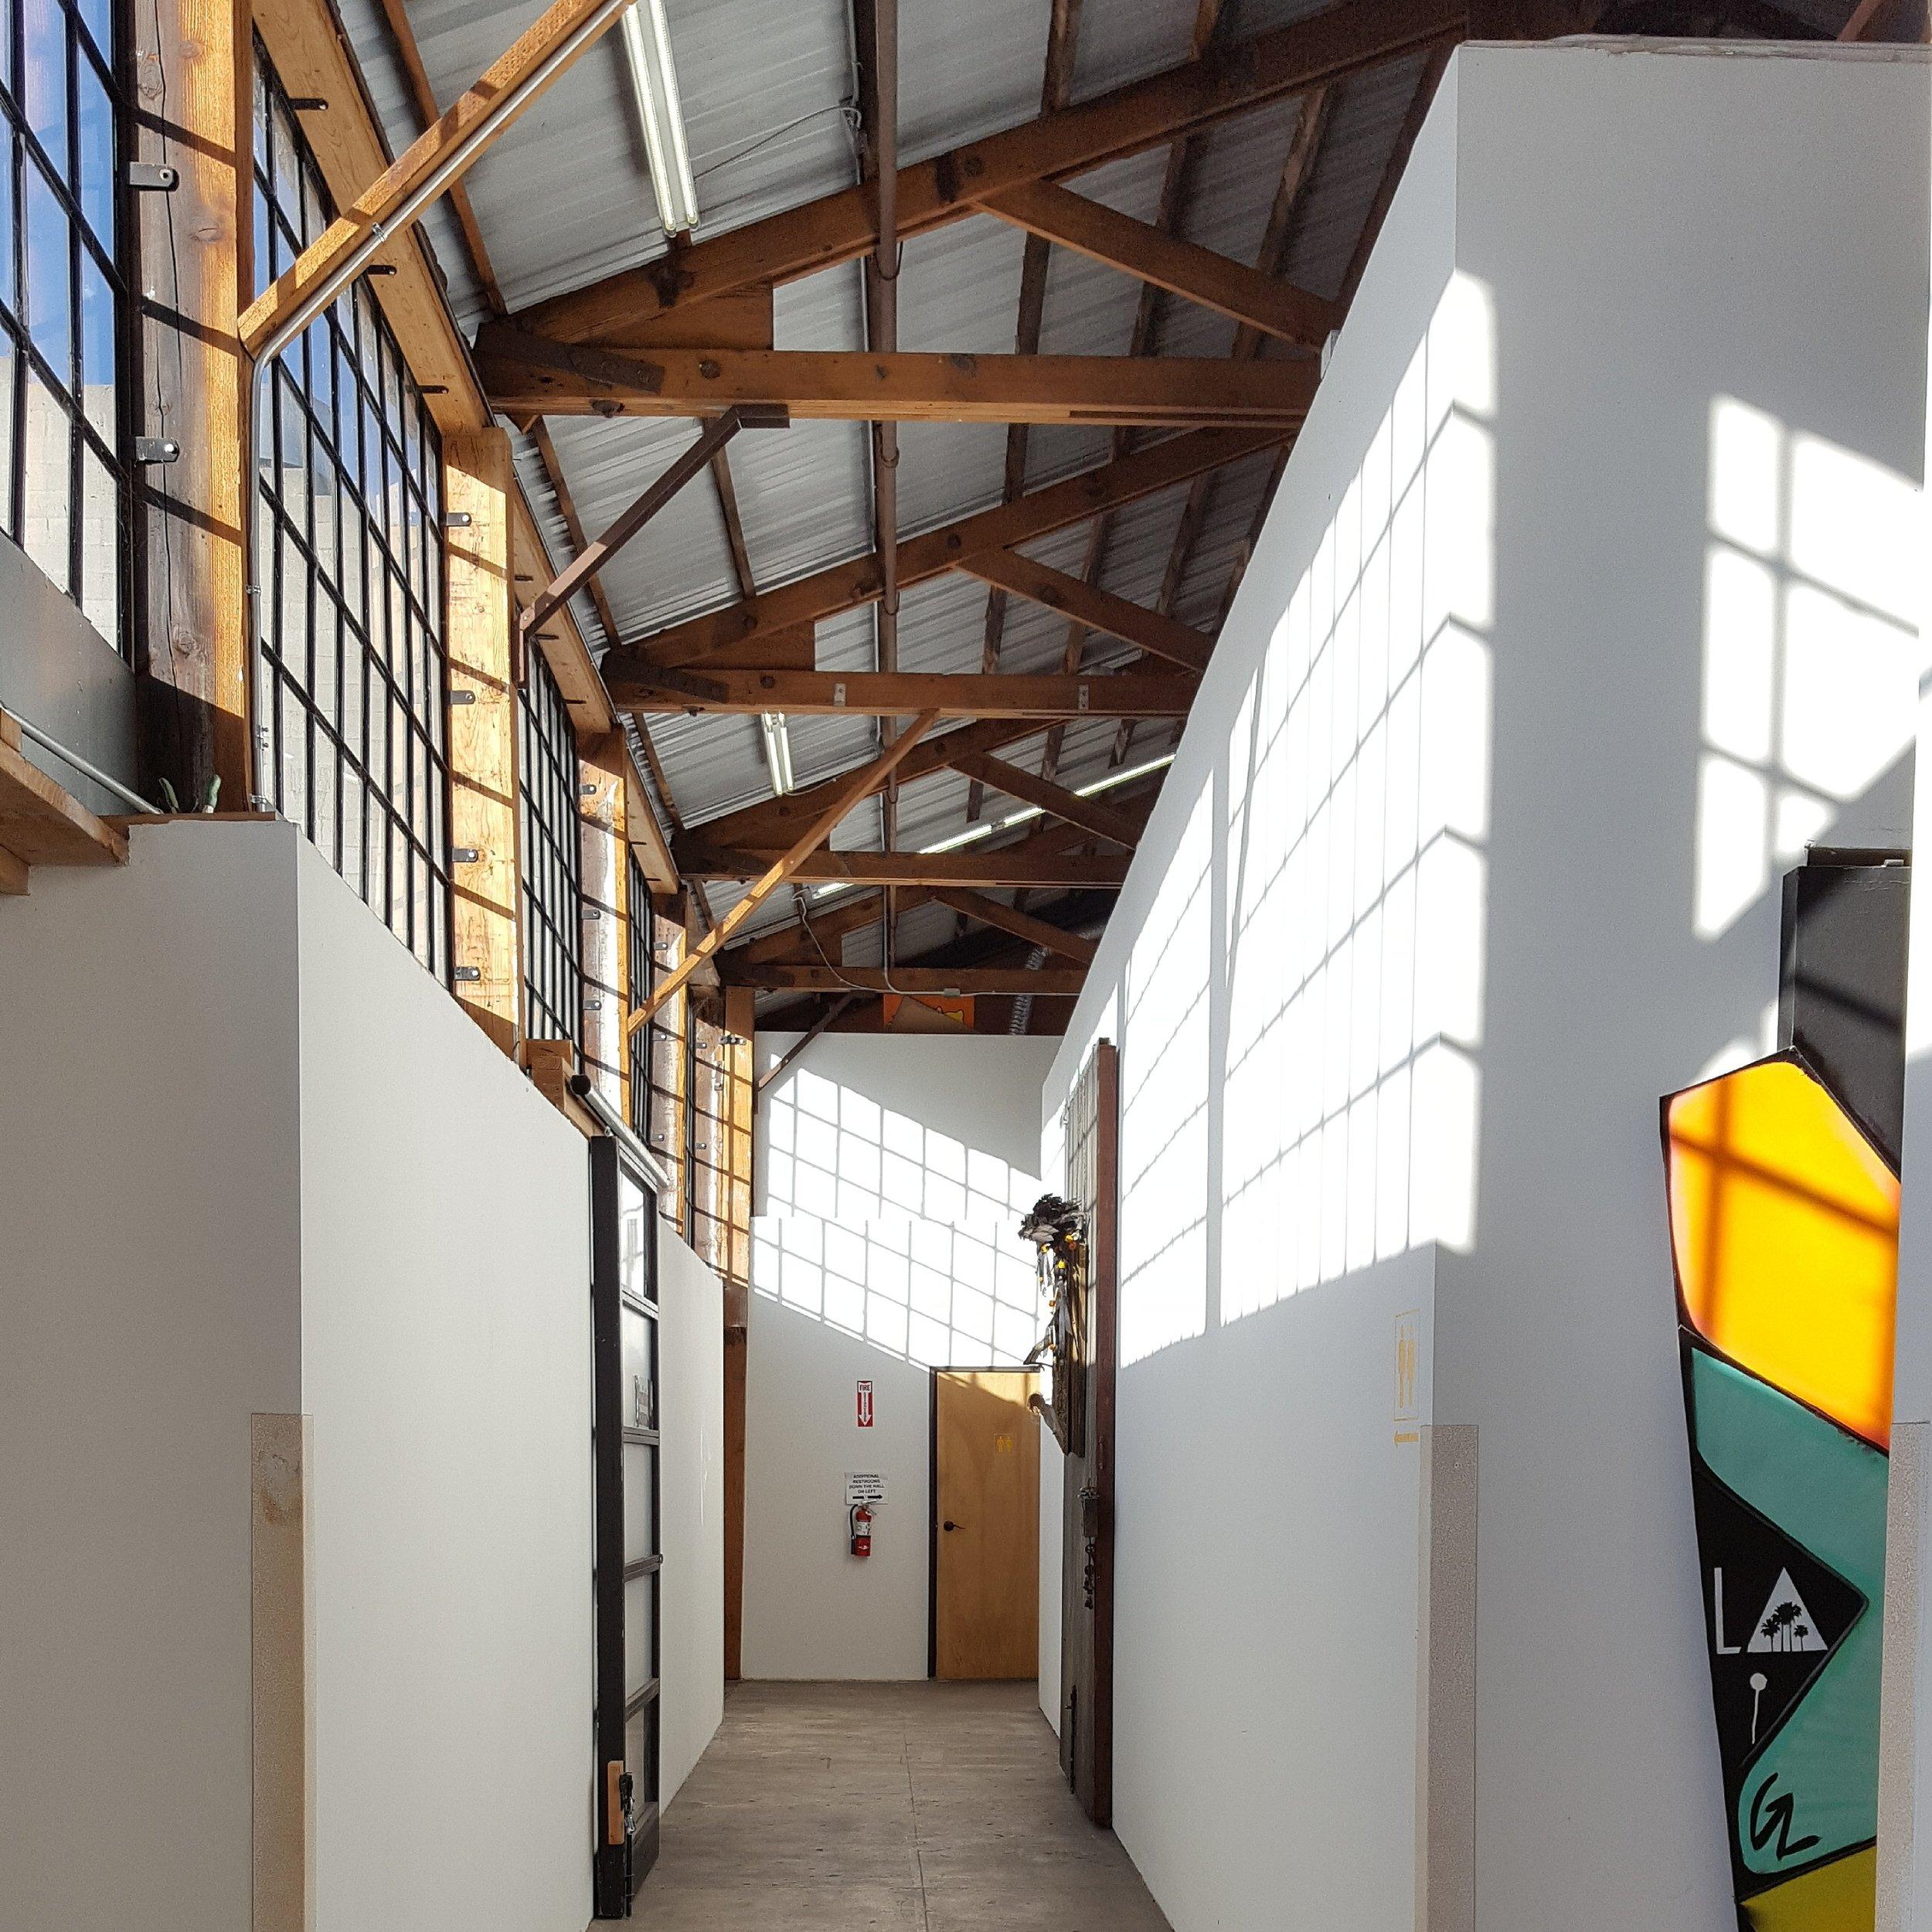 Hallway at Keystone Art Space; my studio is the door on the left.  Photo credit:   C. Rasmussen.